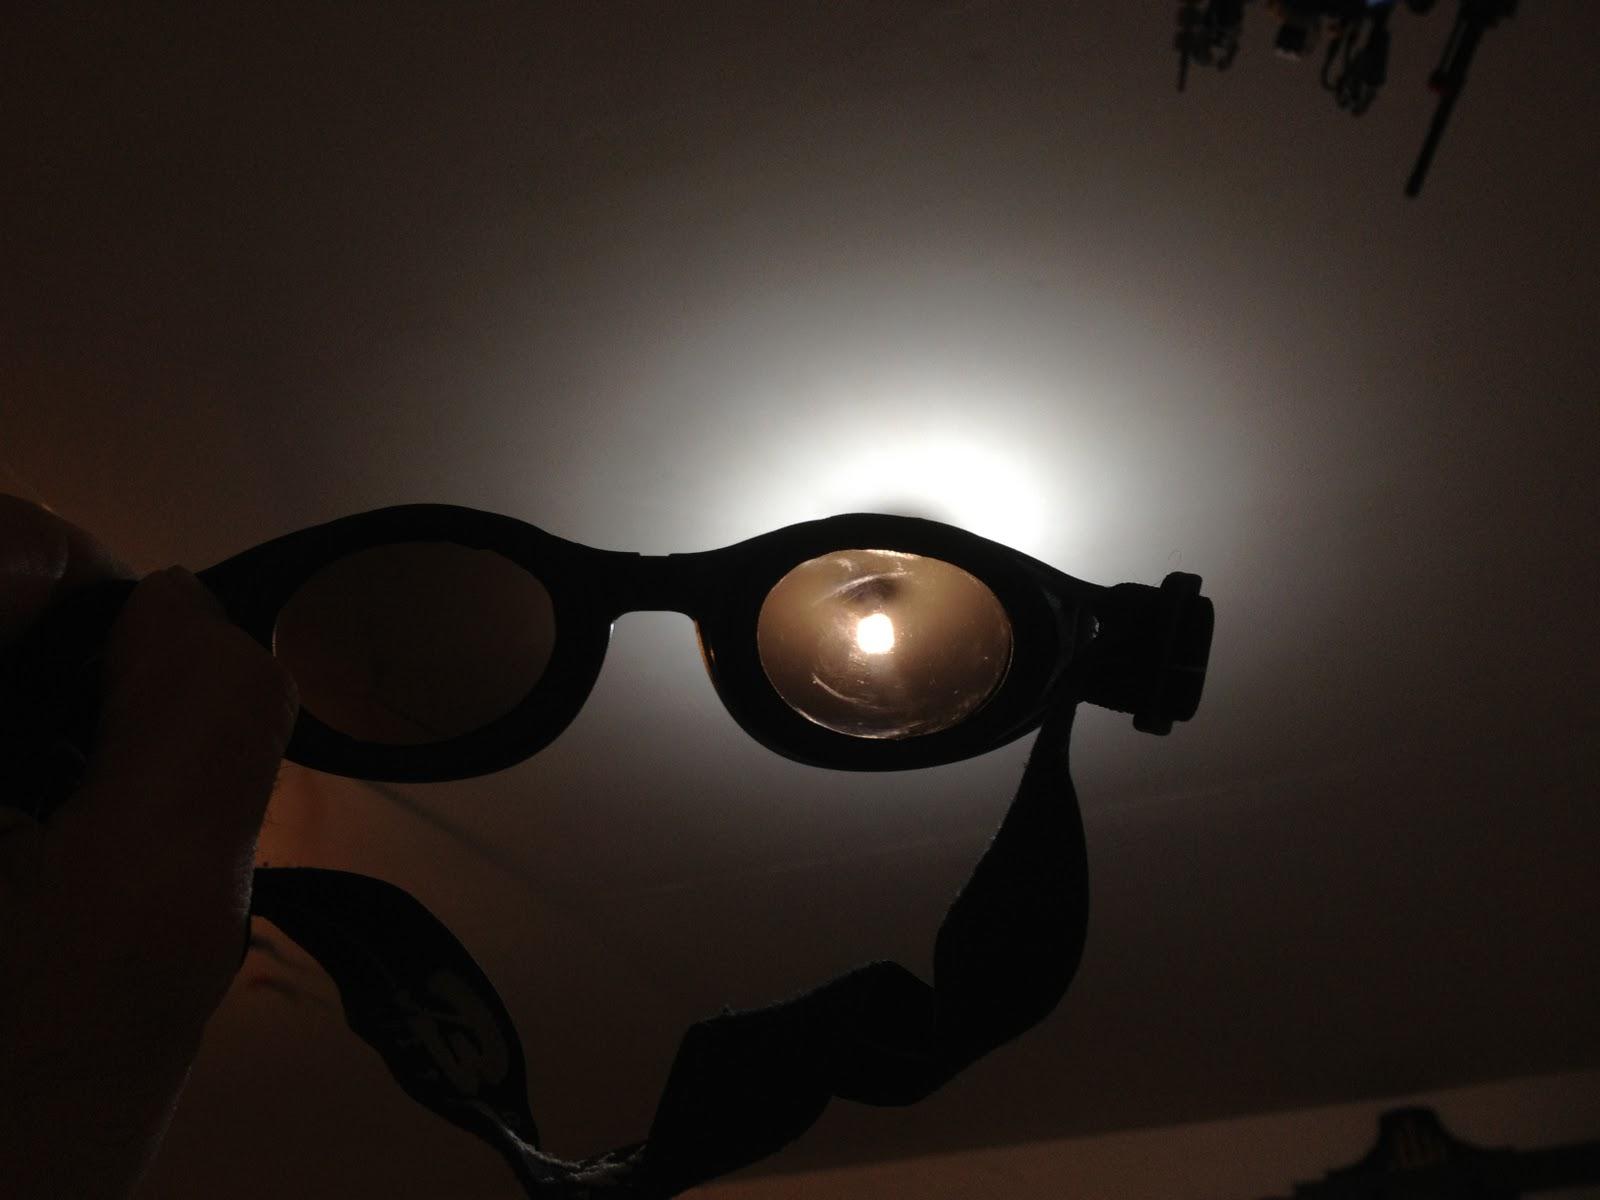 69a8c906de ApocalypseEquipped  Review  Barz Optics Sunglass Prescrption Goggles